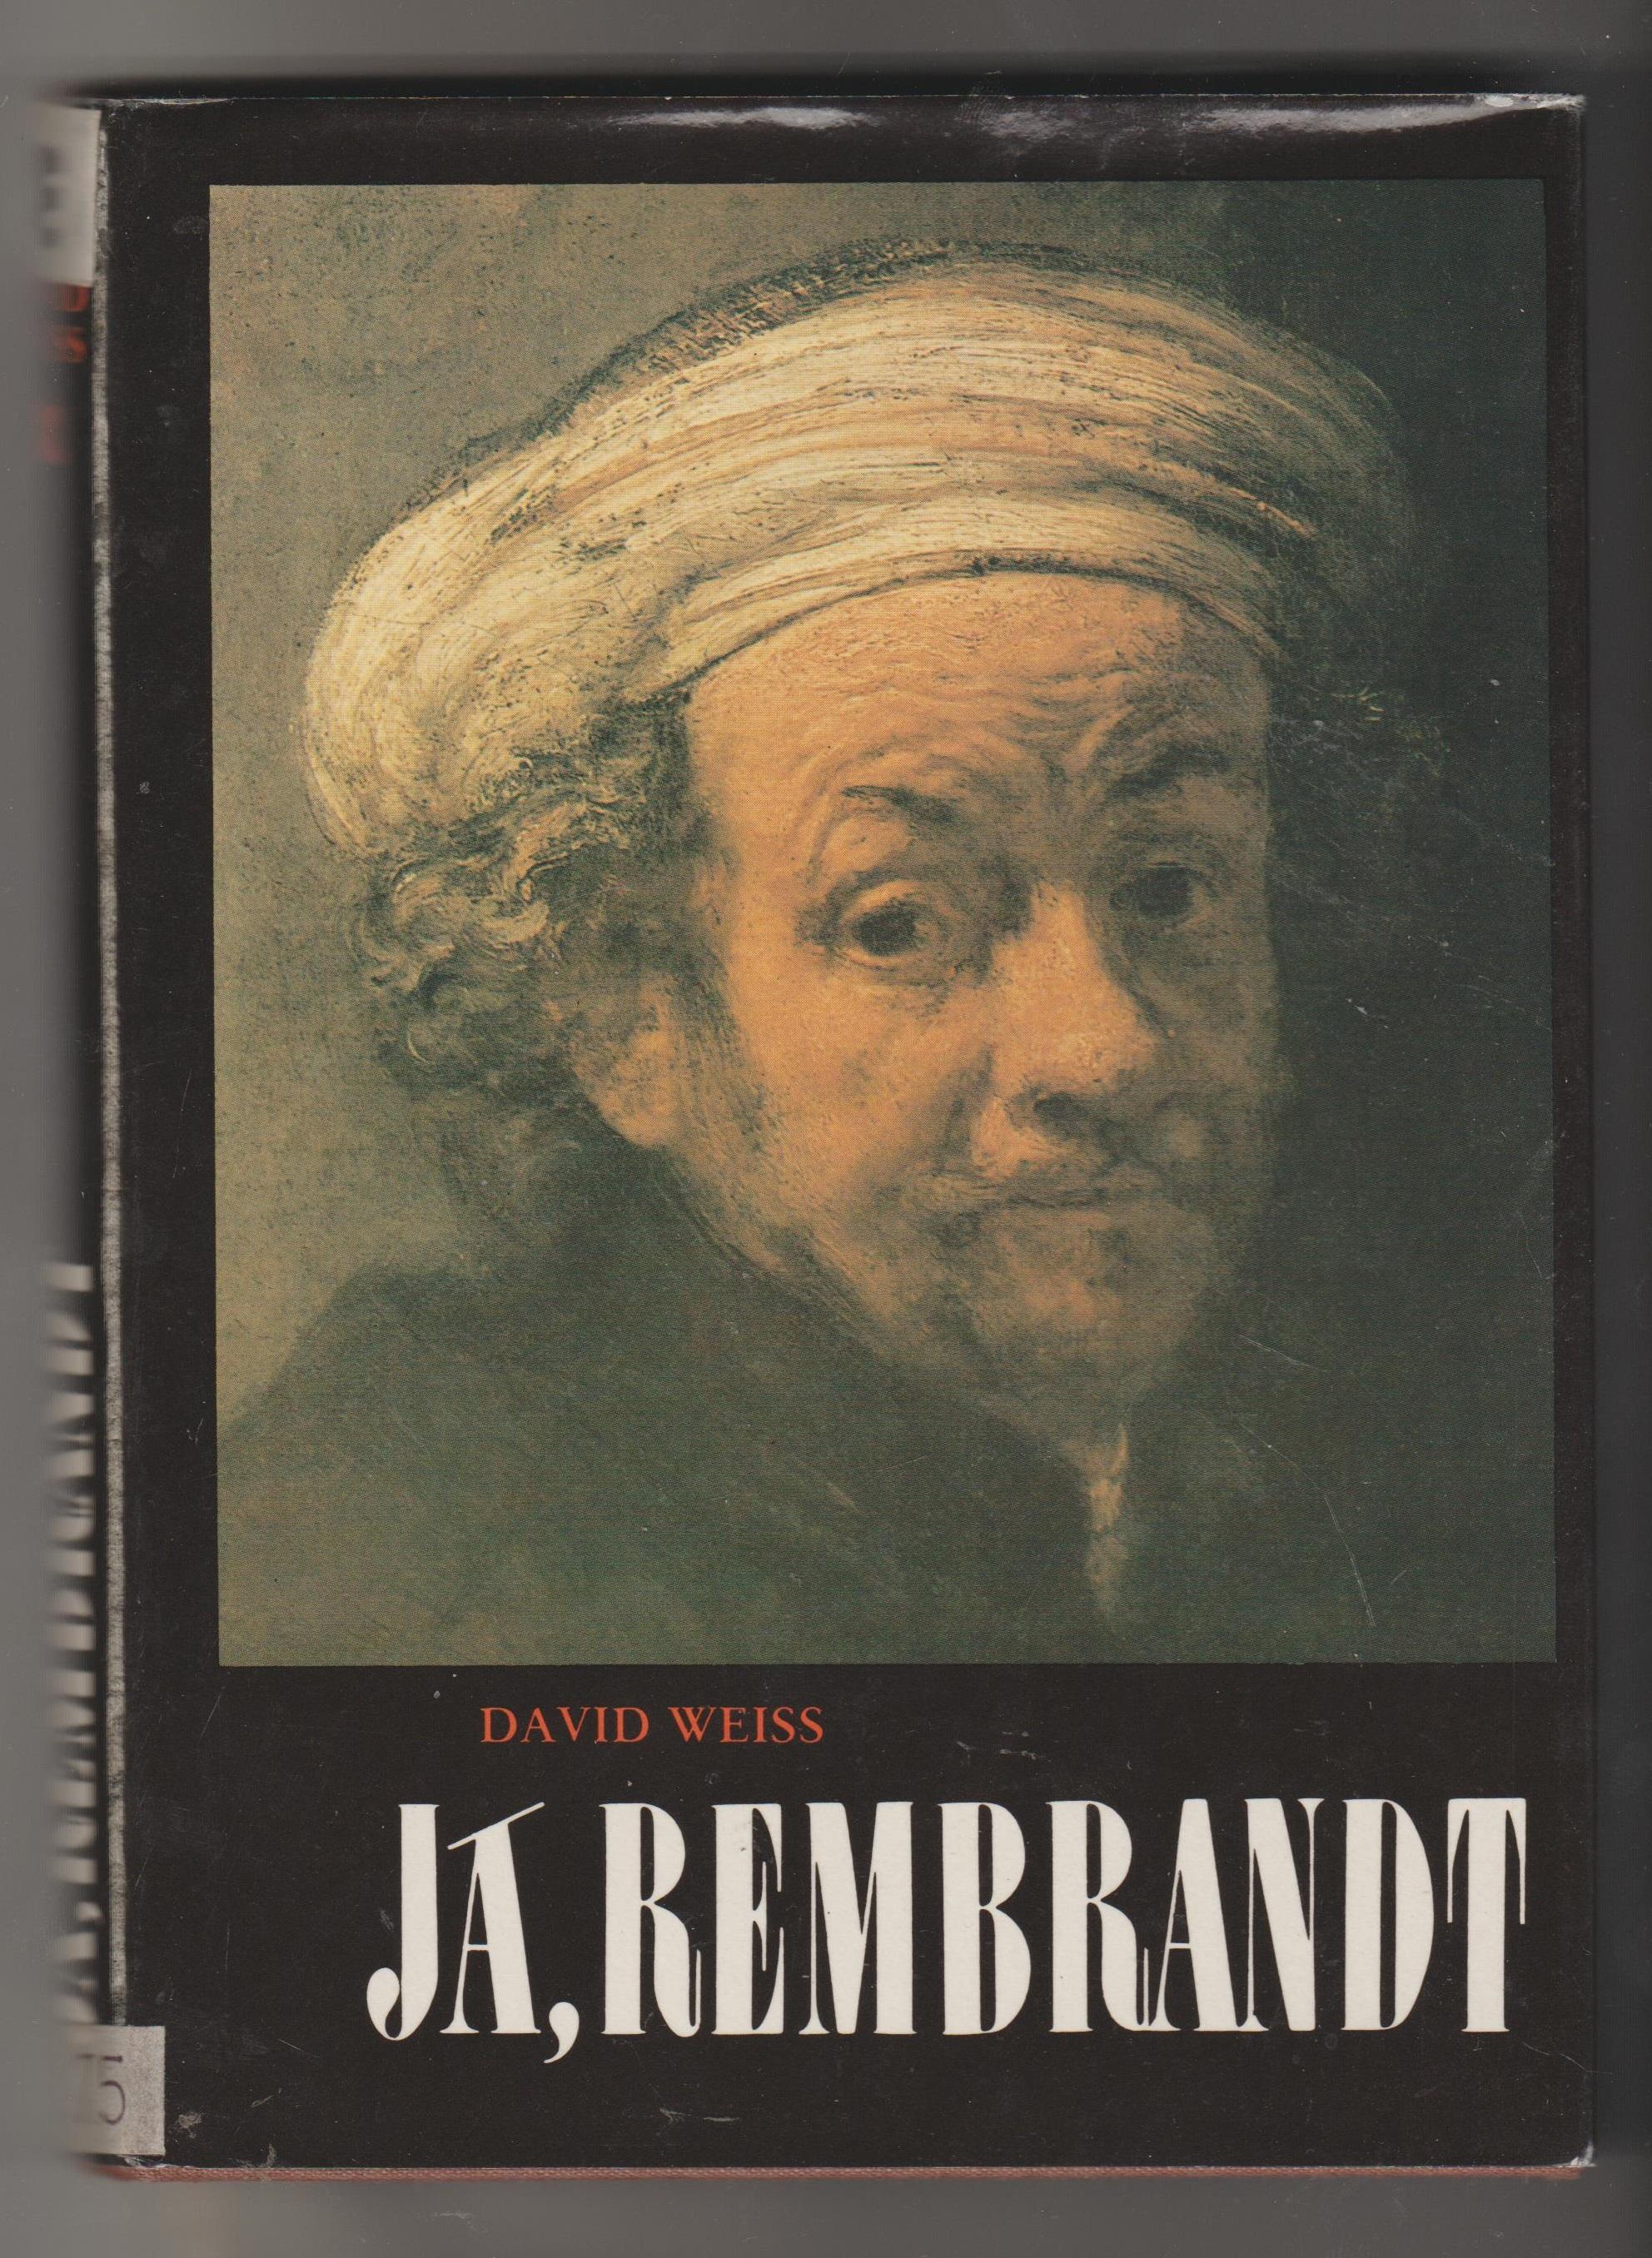 Já, Rembrandt - David Weiss